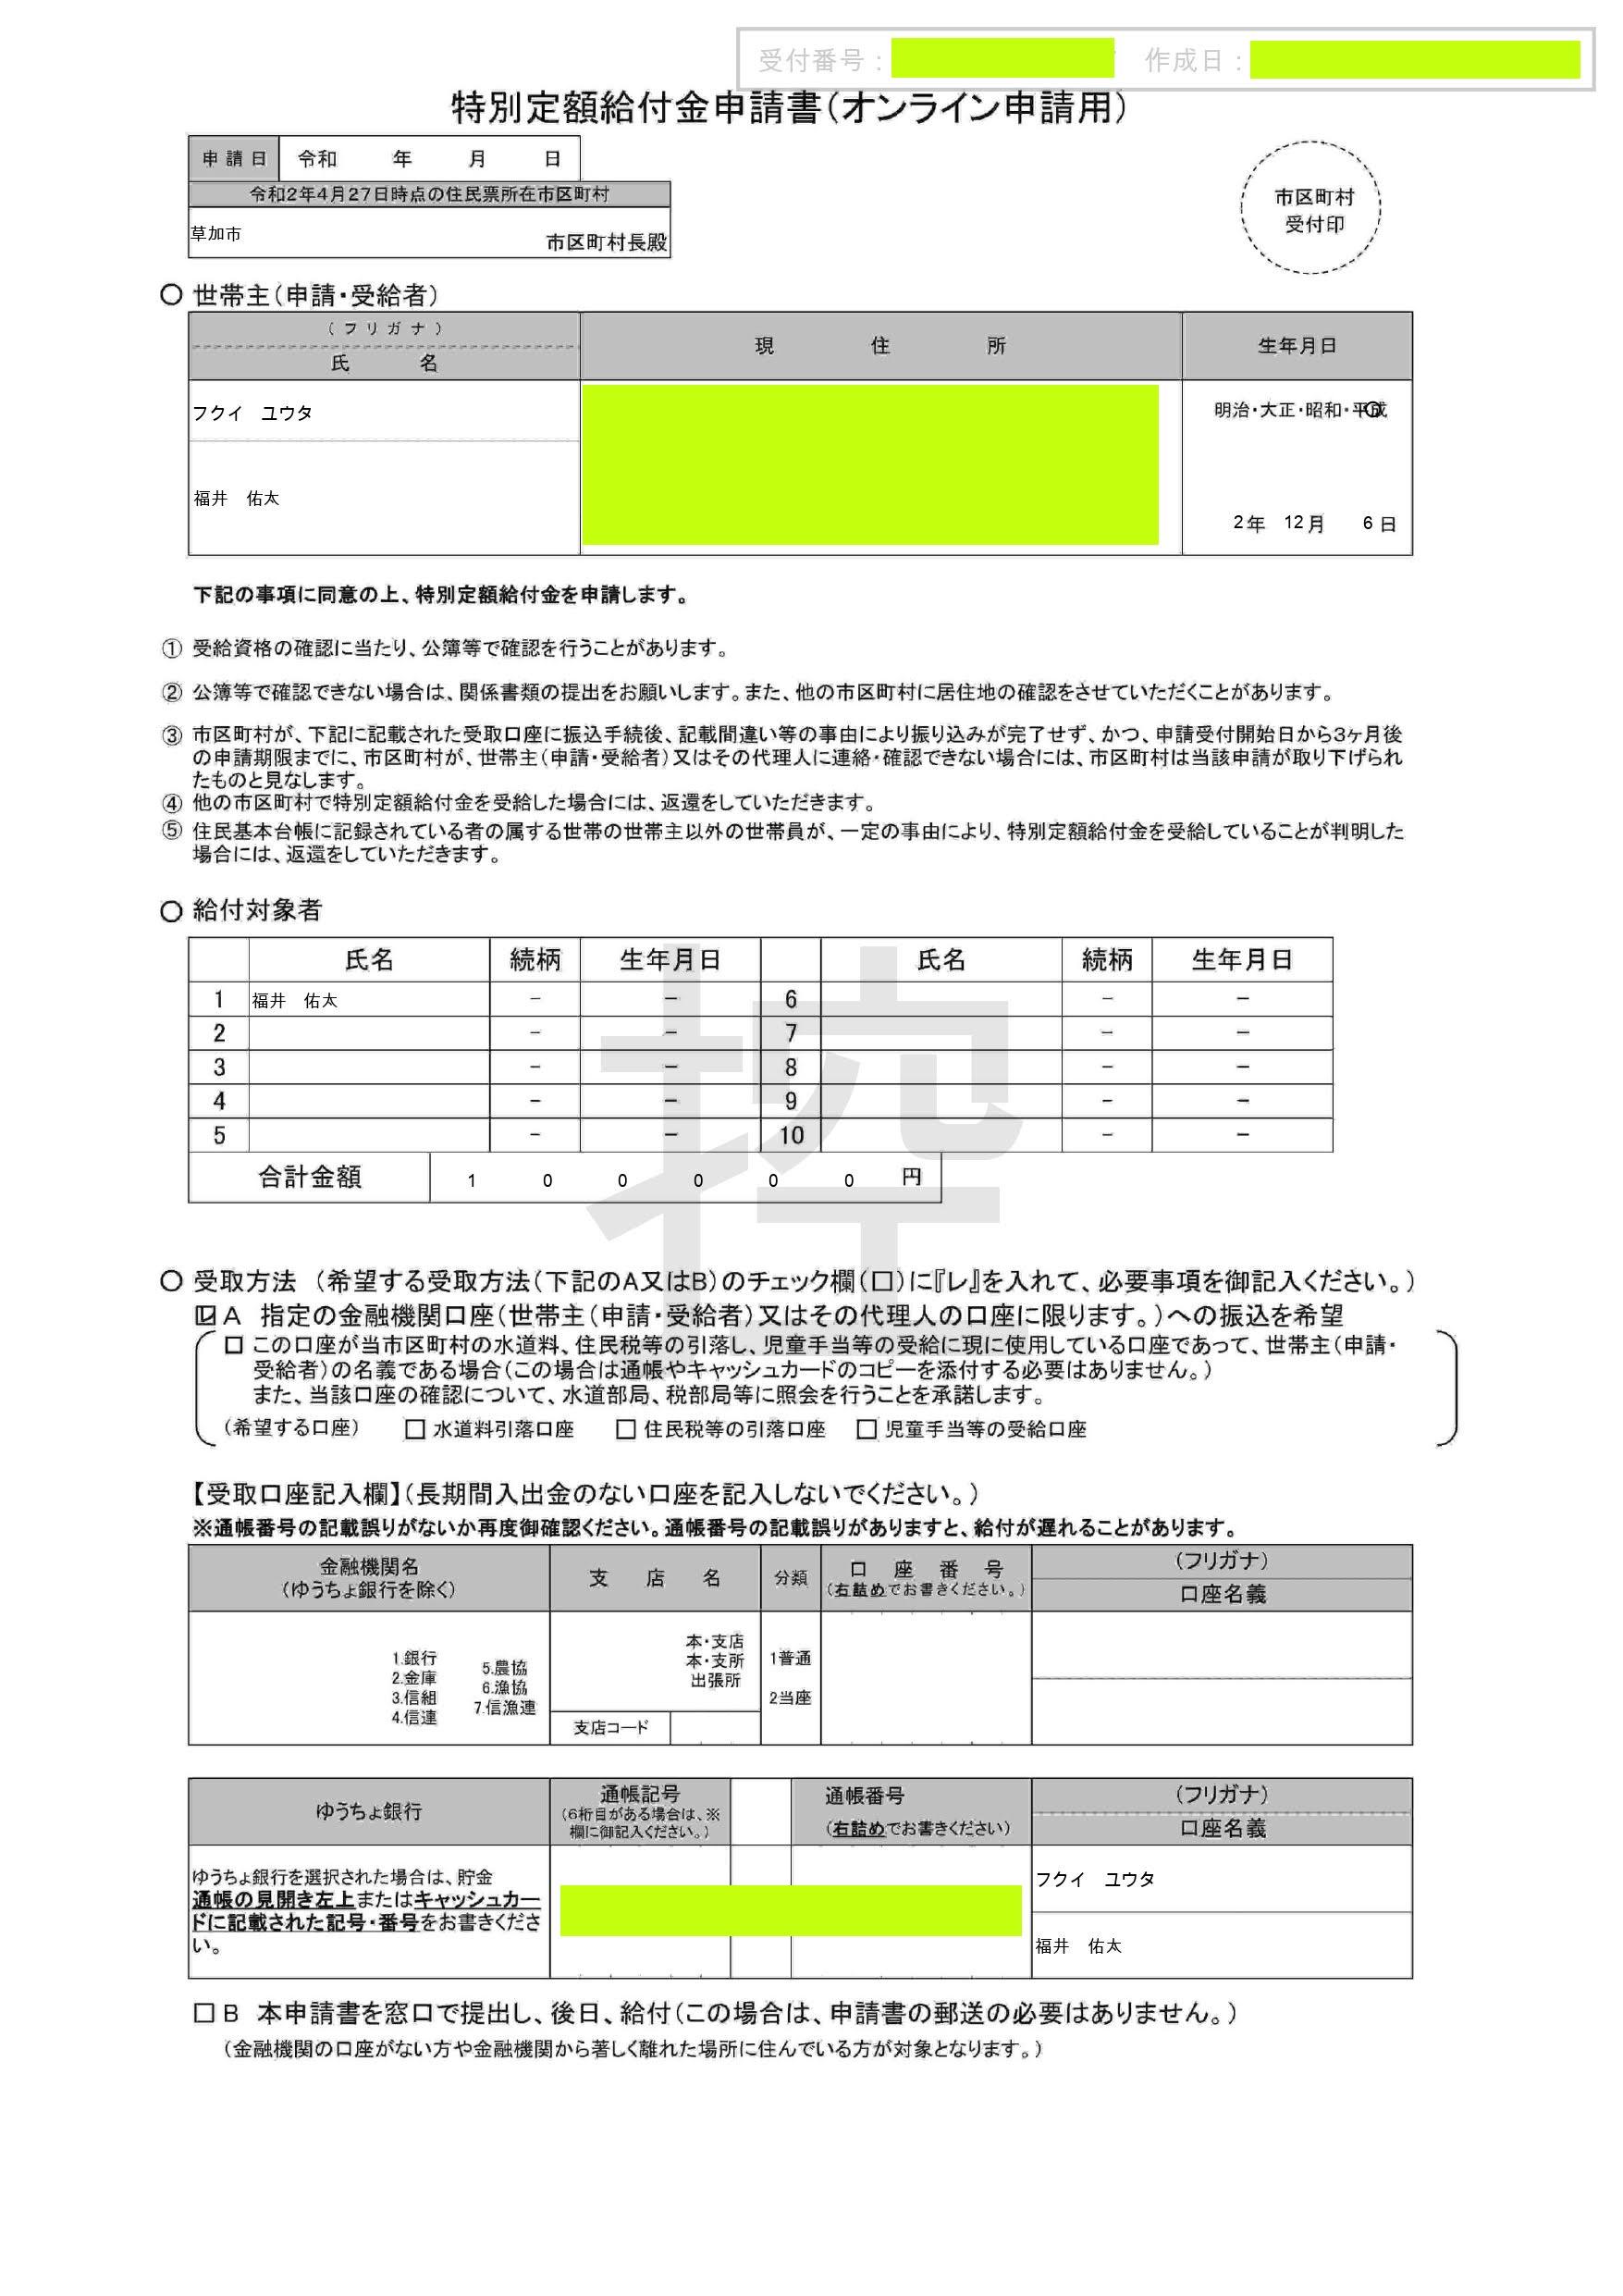 オンライン申請用特別定額給付金申請書